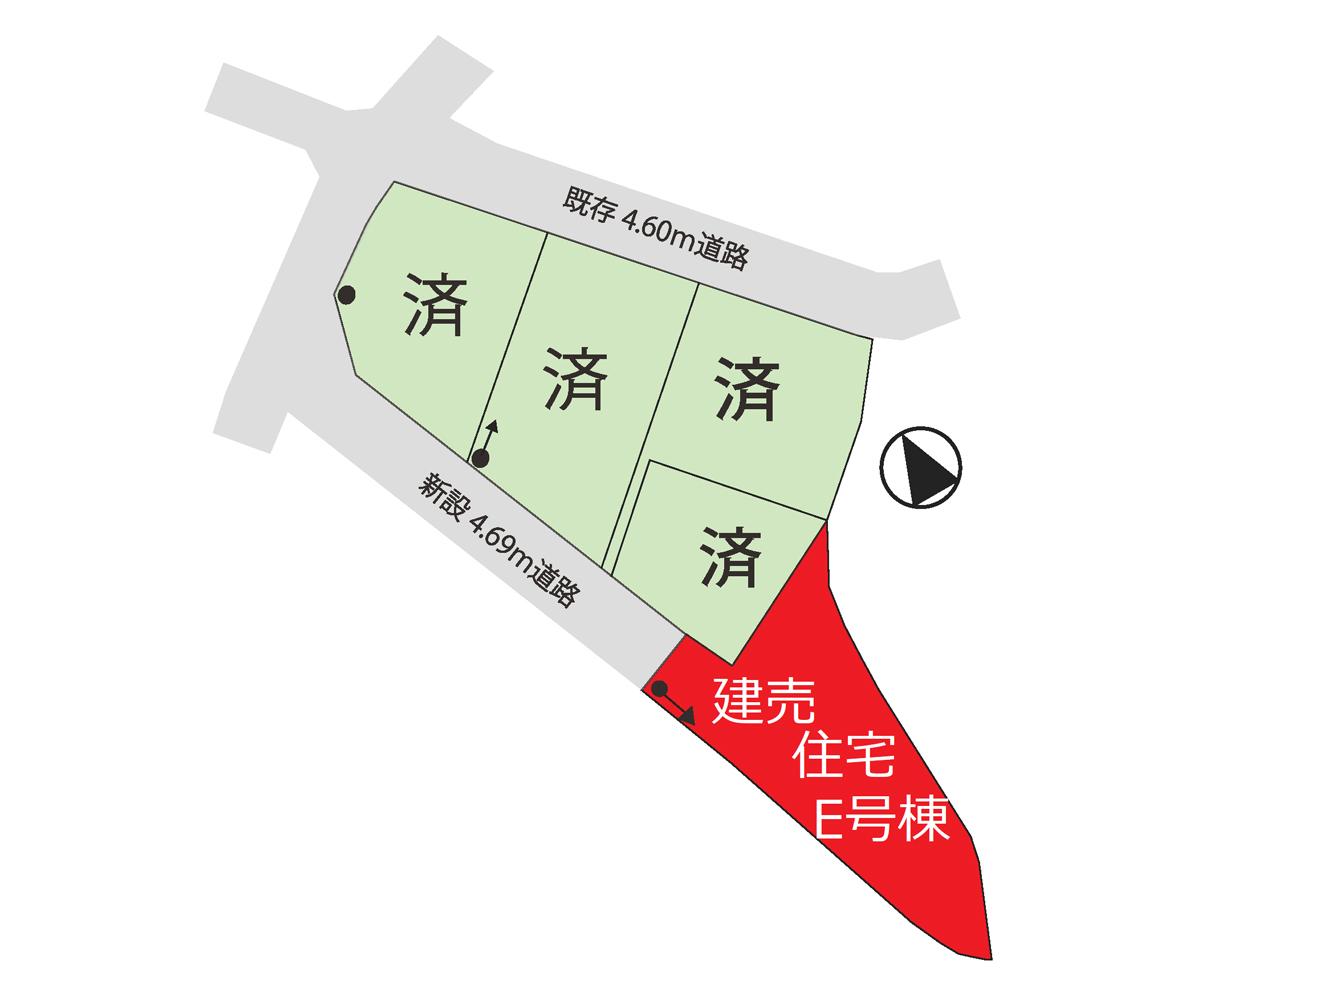 山梨県笛吹市春日居町小松E号棟 新築建売住宅 区画図